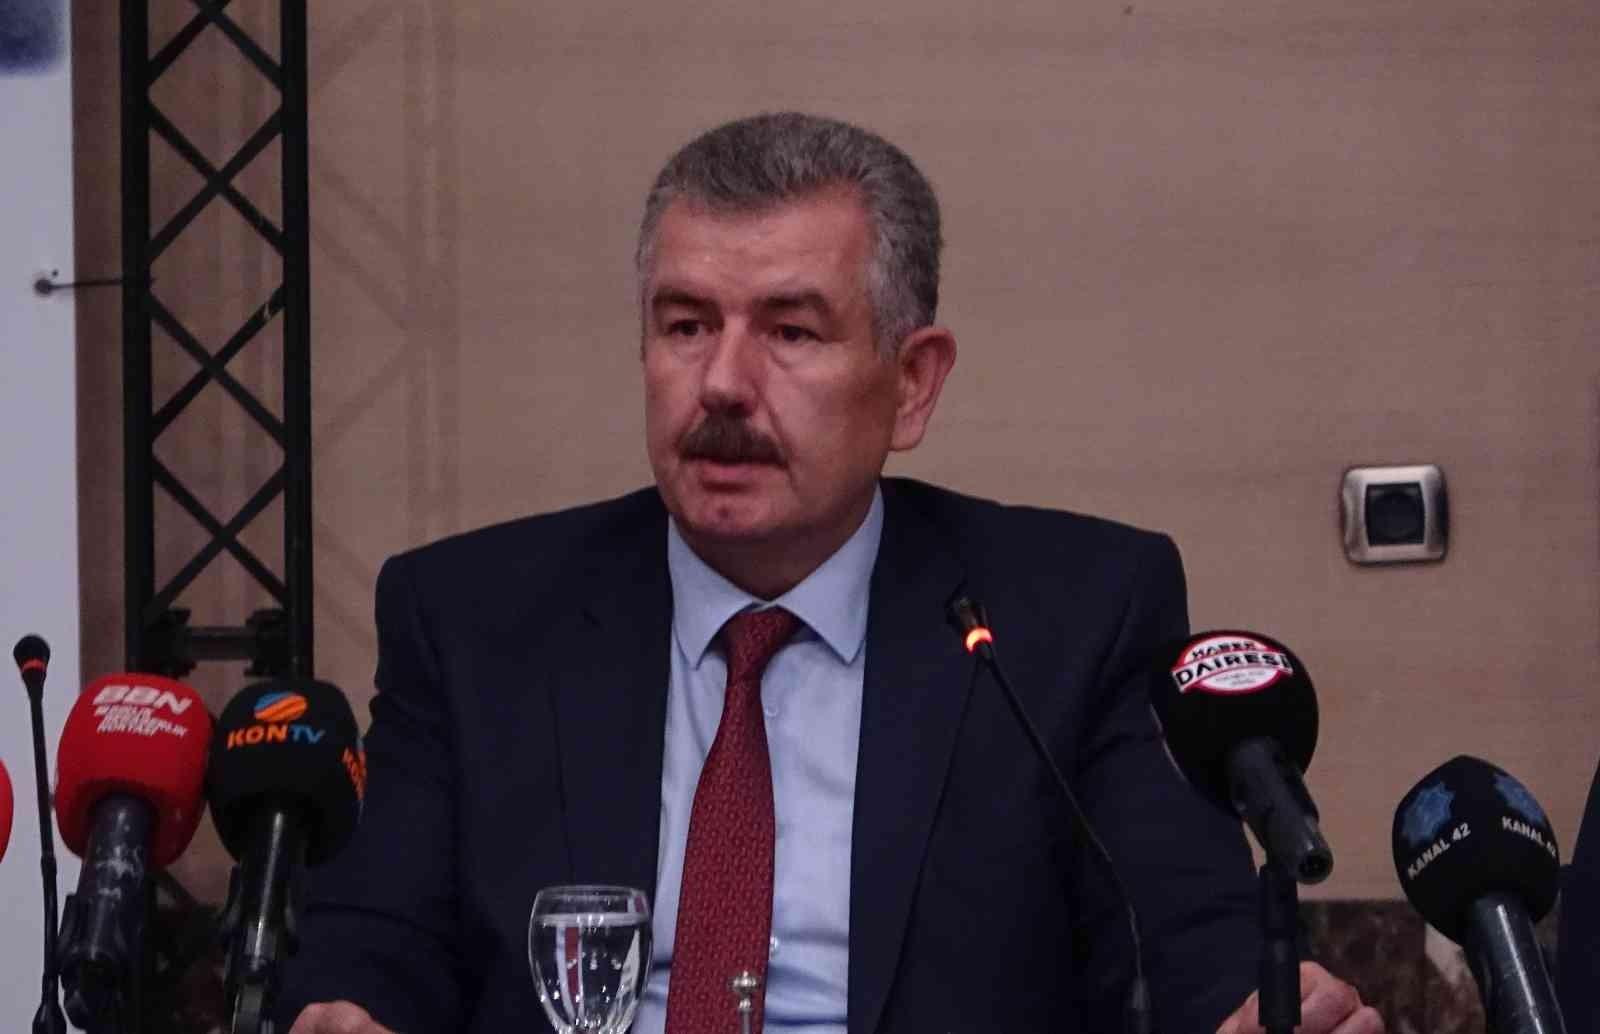 Özkan Taşpınar, Konya Pancar Ekicileri Kooperatifi başkanlığına aday